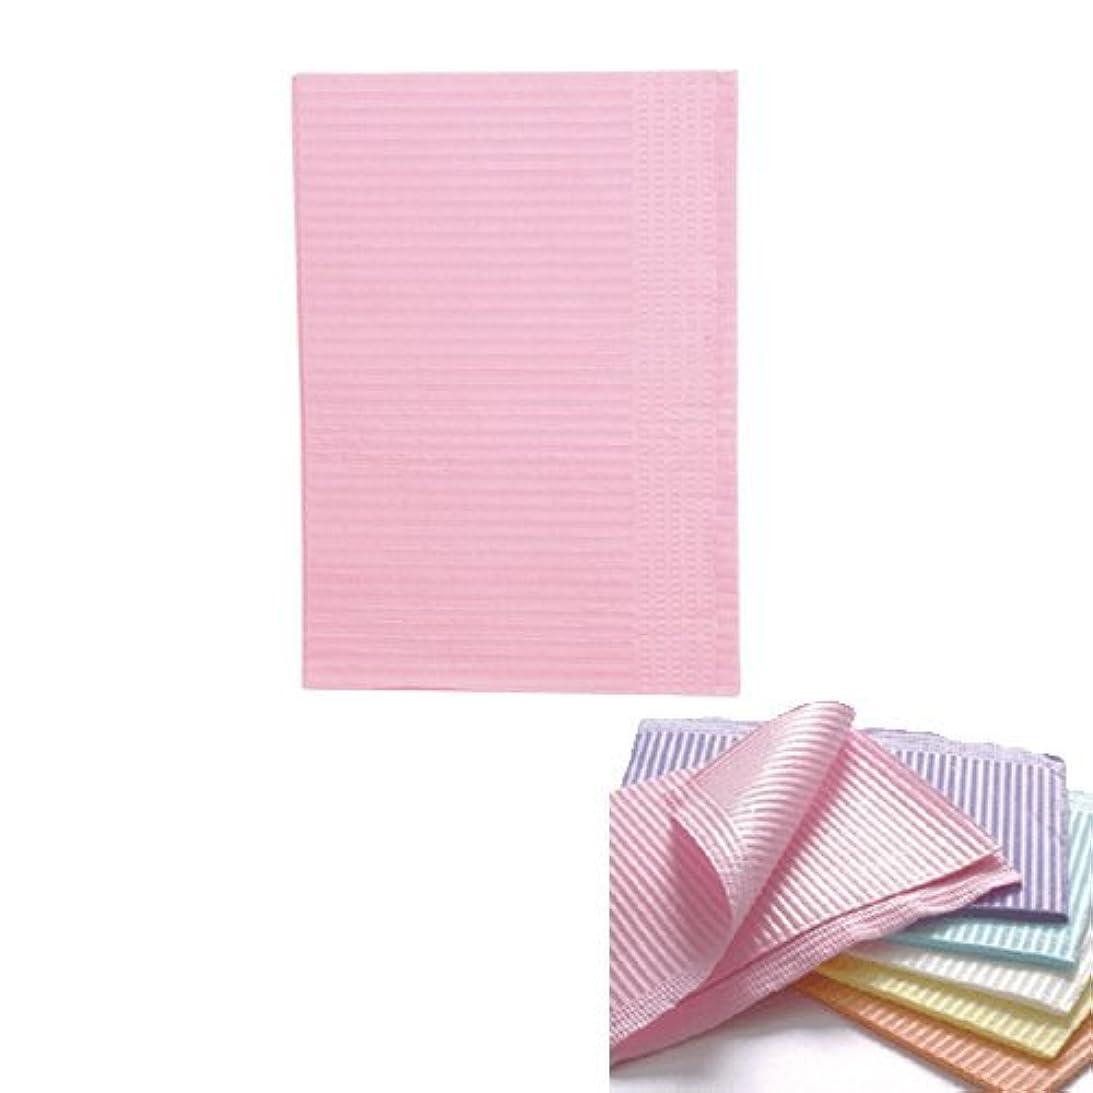 かび臭い奇妙な悪夢ネイル 防水ペーパー/裏面防水ネイルシート 50枚 ピンク